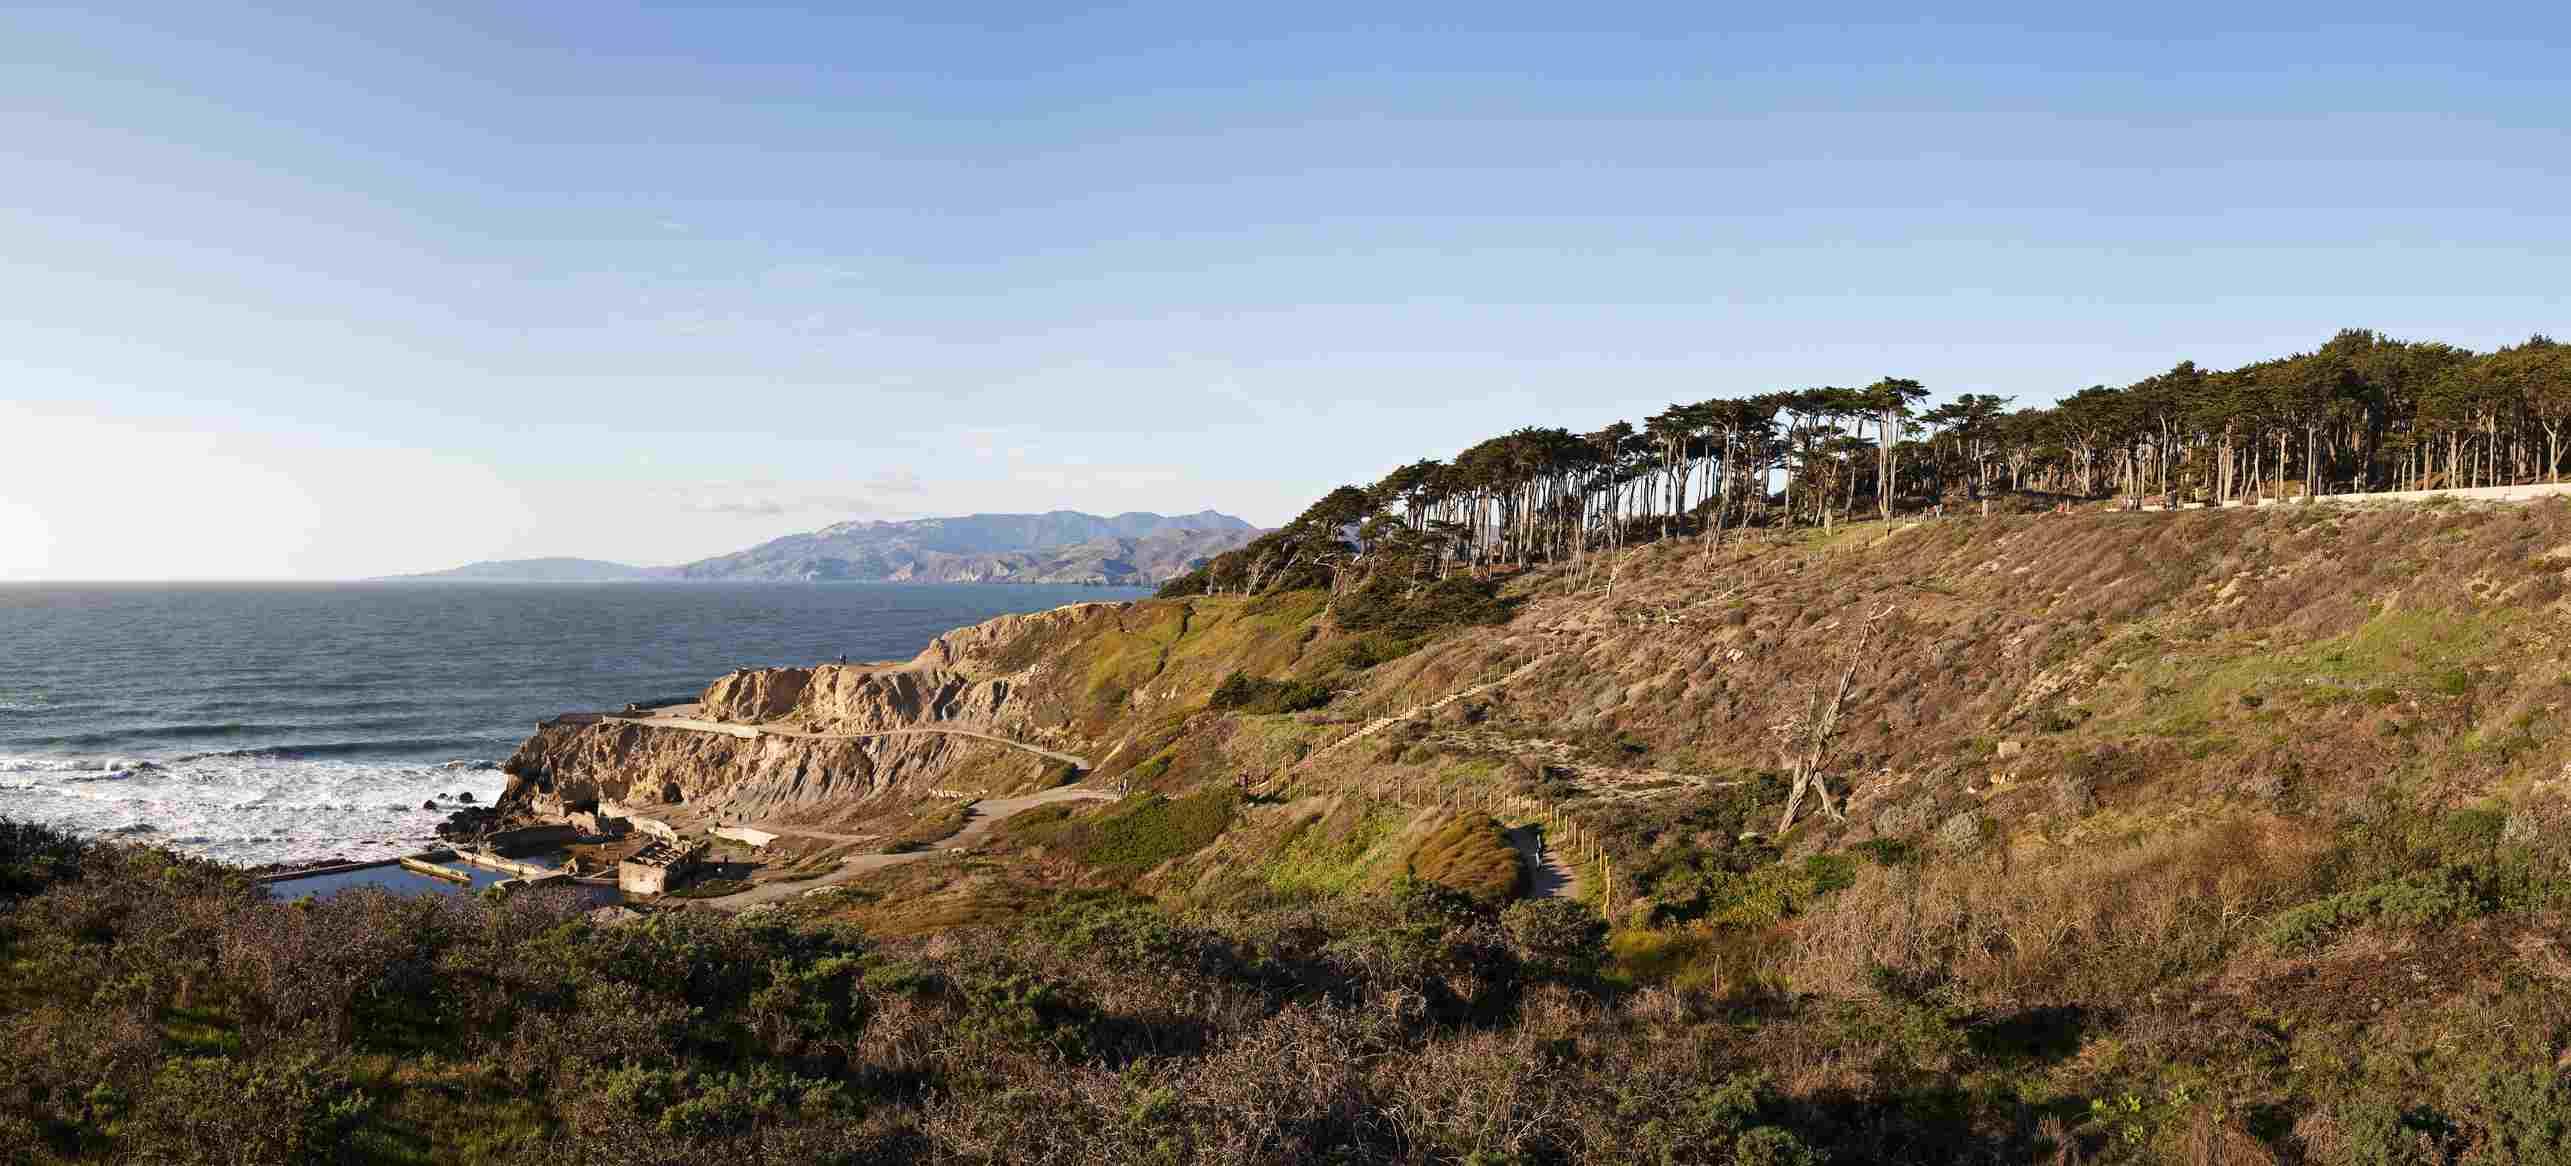 Mount Sutro